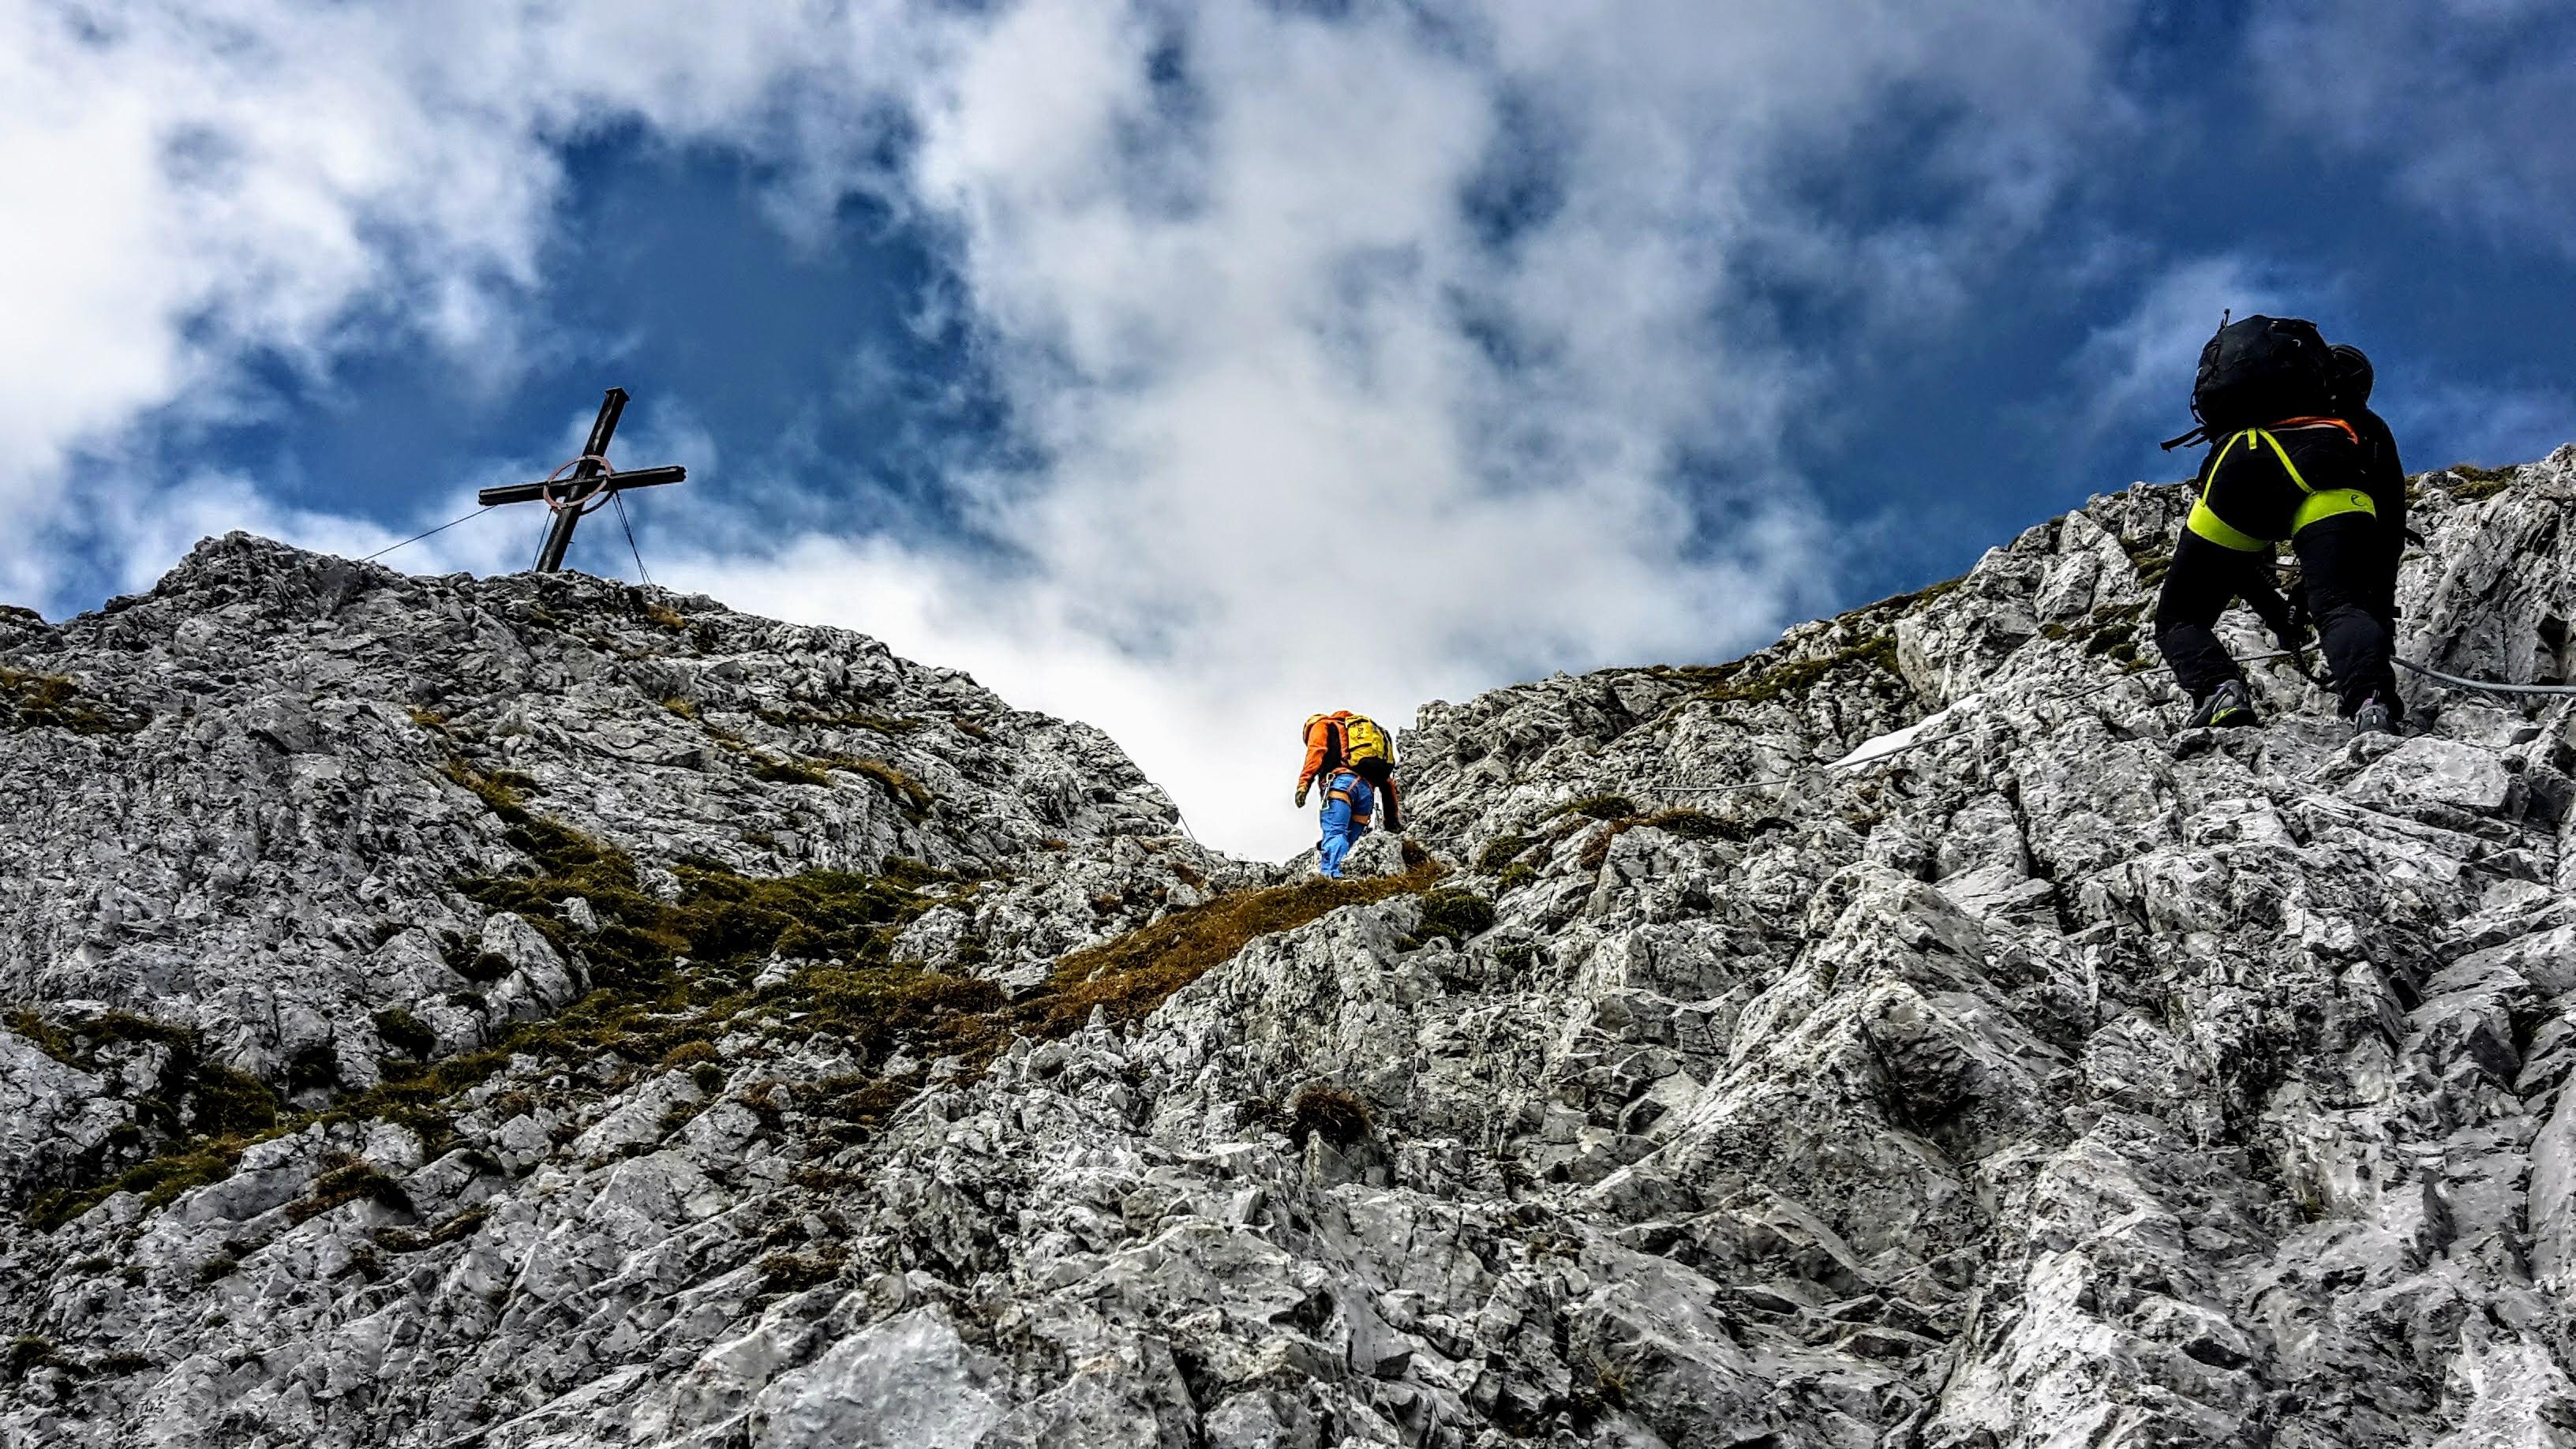 Klettersteig Für Anfänger : Drachenwand klettersteig in st lorenz mondsee